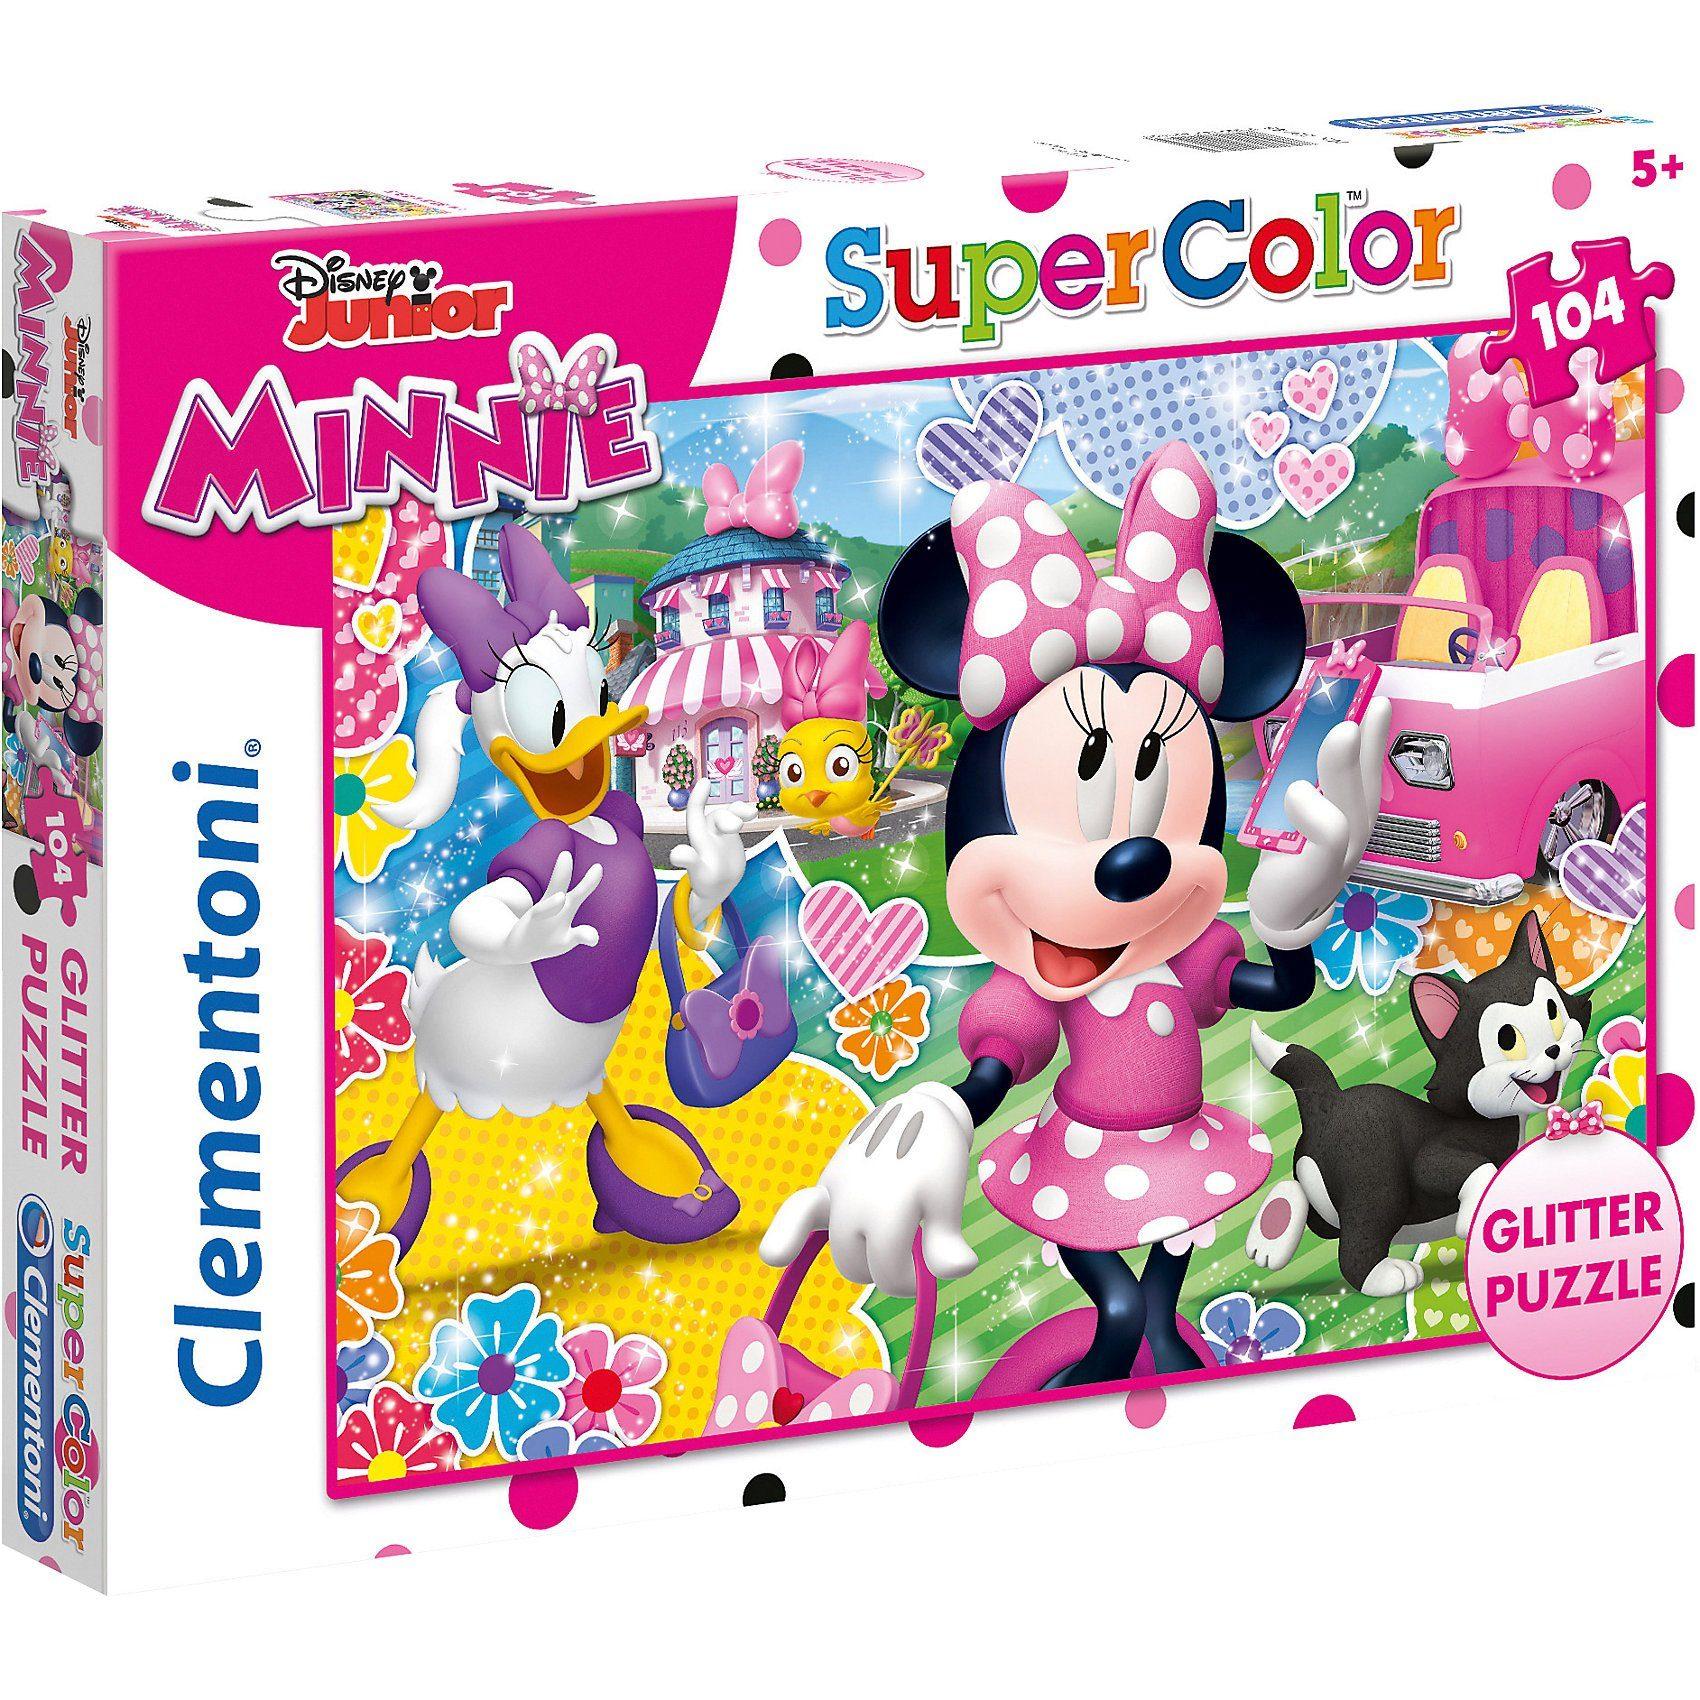 Clementoni® Glitterpuzzle 104 Teile - Minnie Mouse